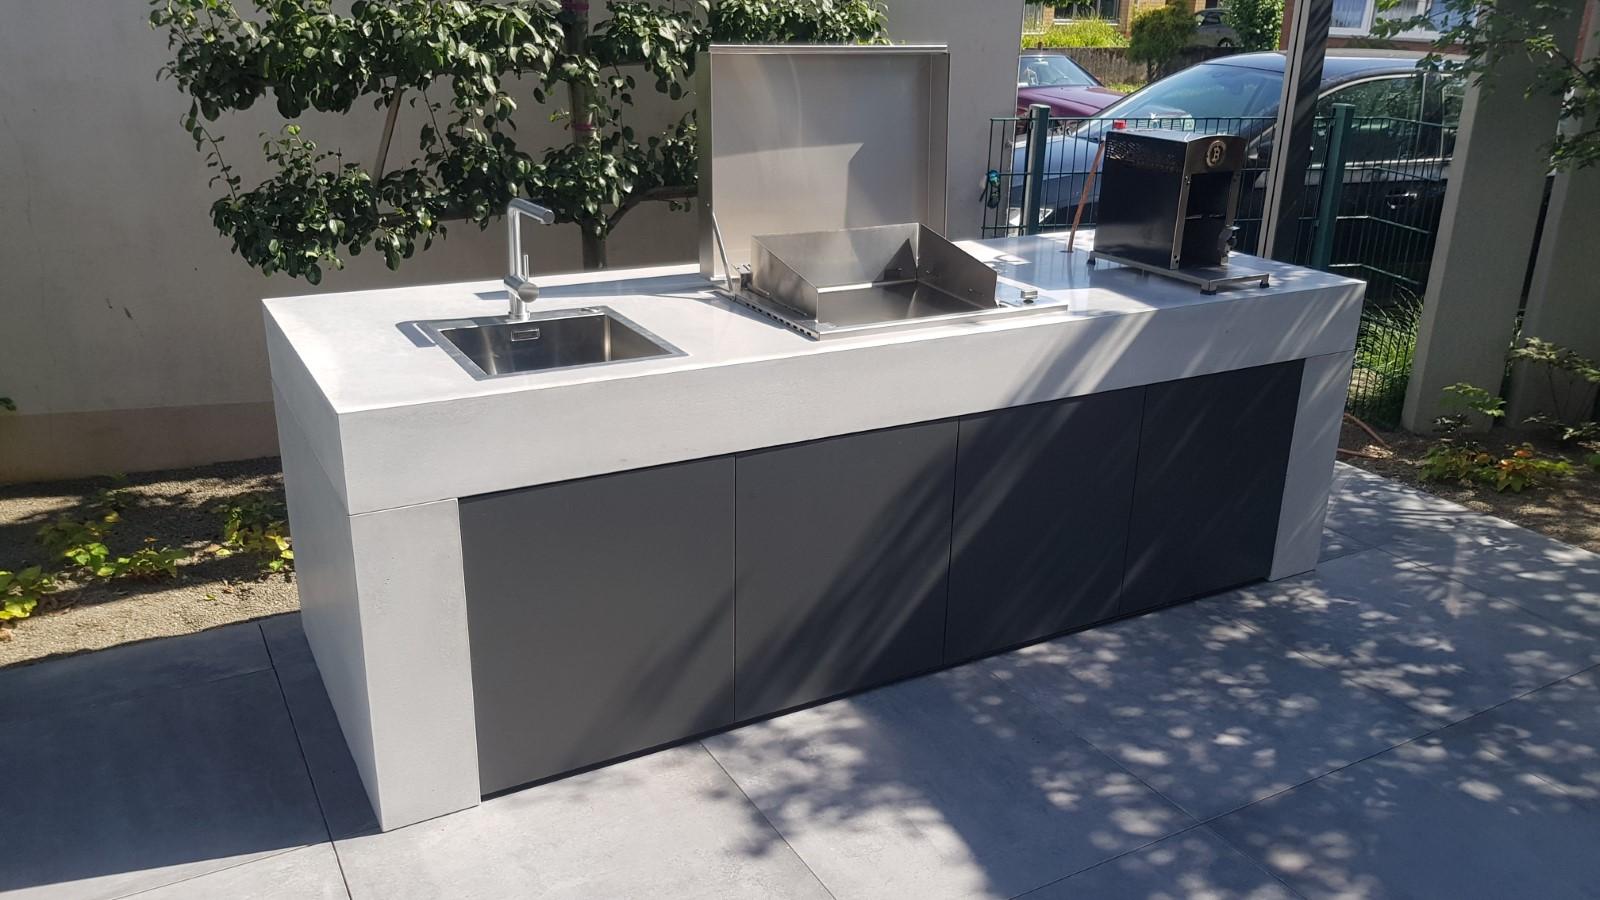 concrete-beton-outdoor-kueche-referenzen-003